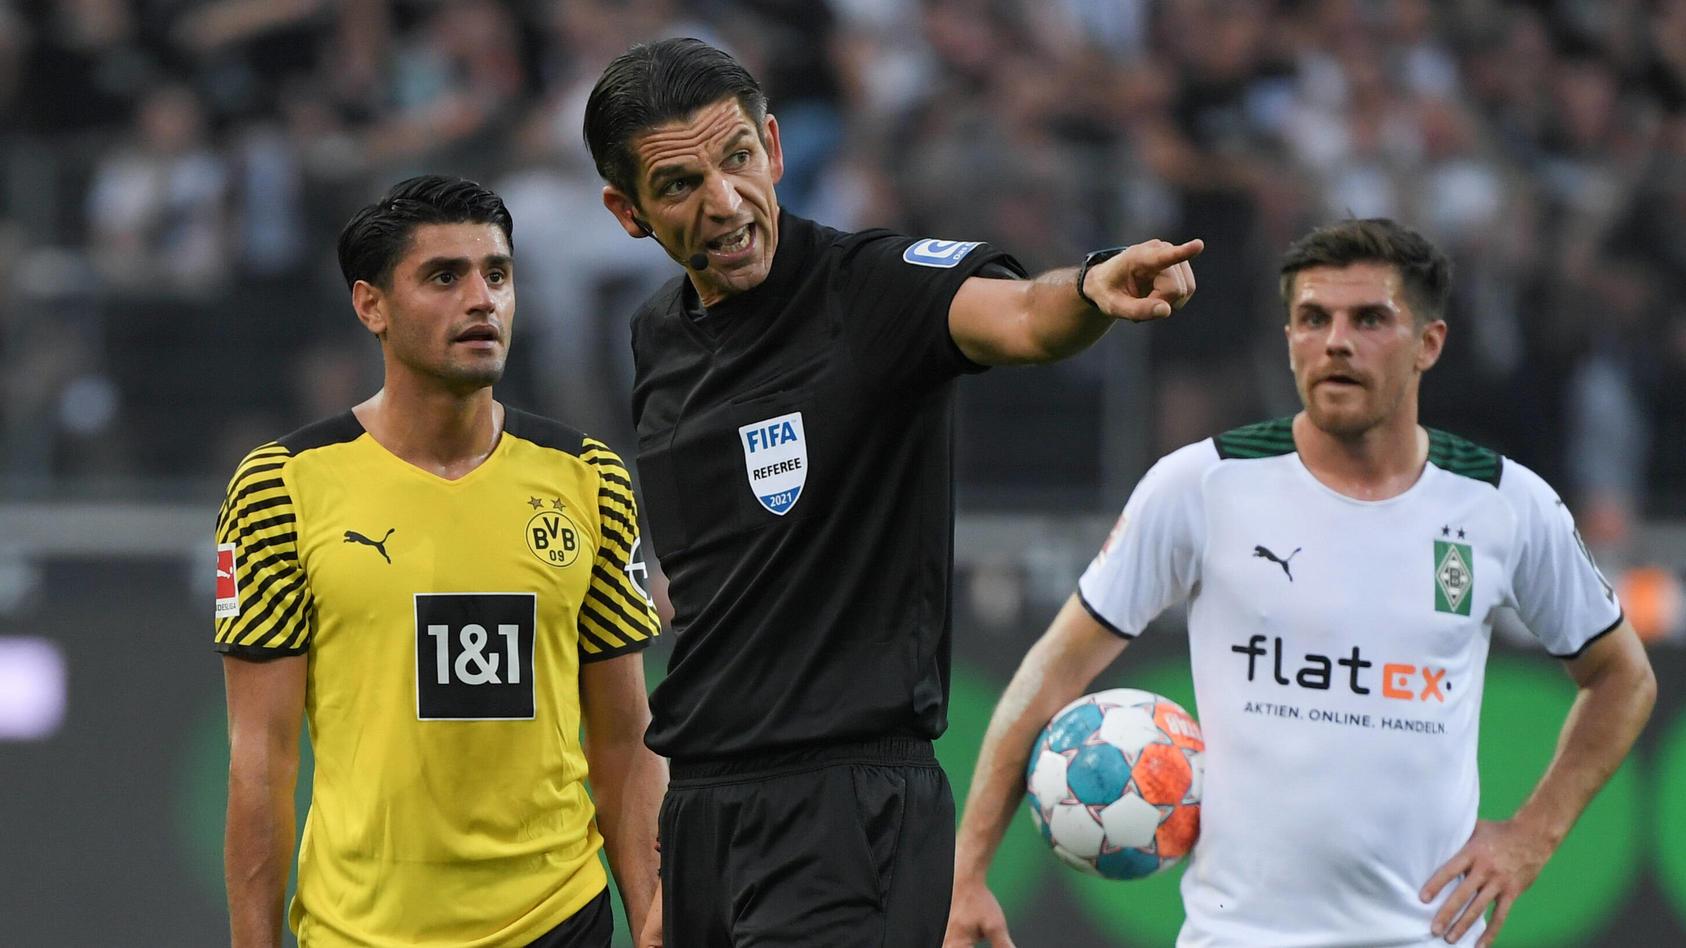 Deniz Aytekin ist beim Spiel zwischen Borussia Dortmund und Borussia Mönchengladbach der Kragen geplatzt.